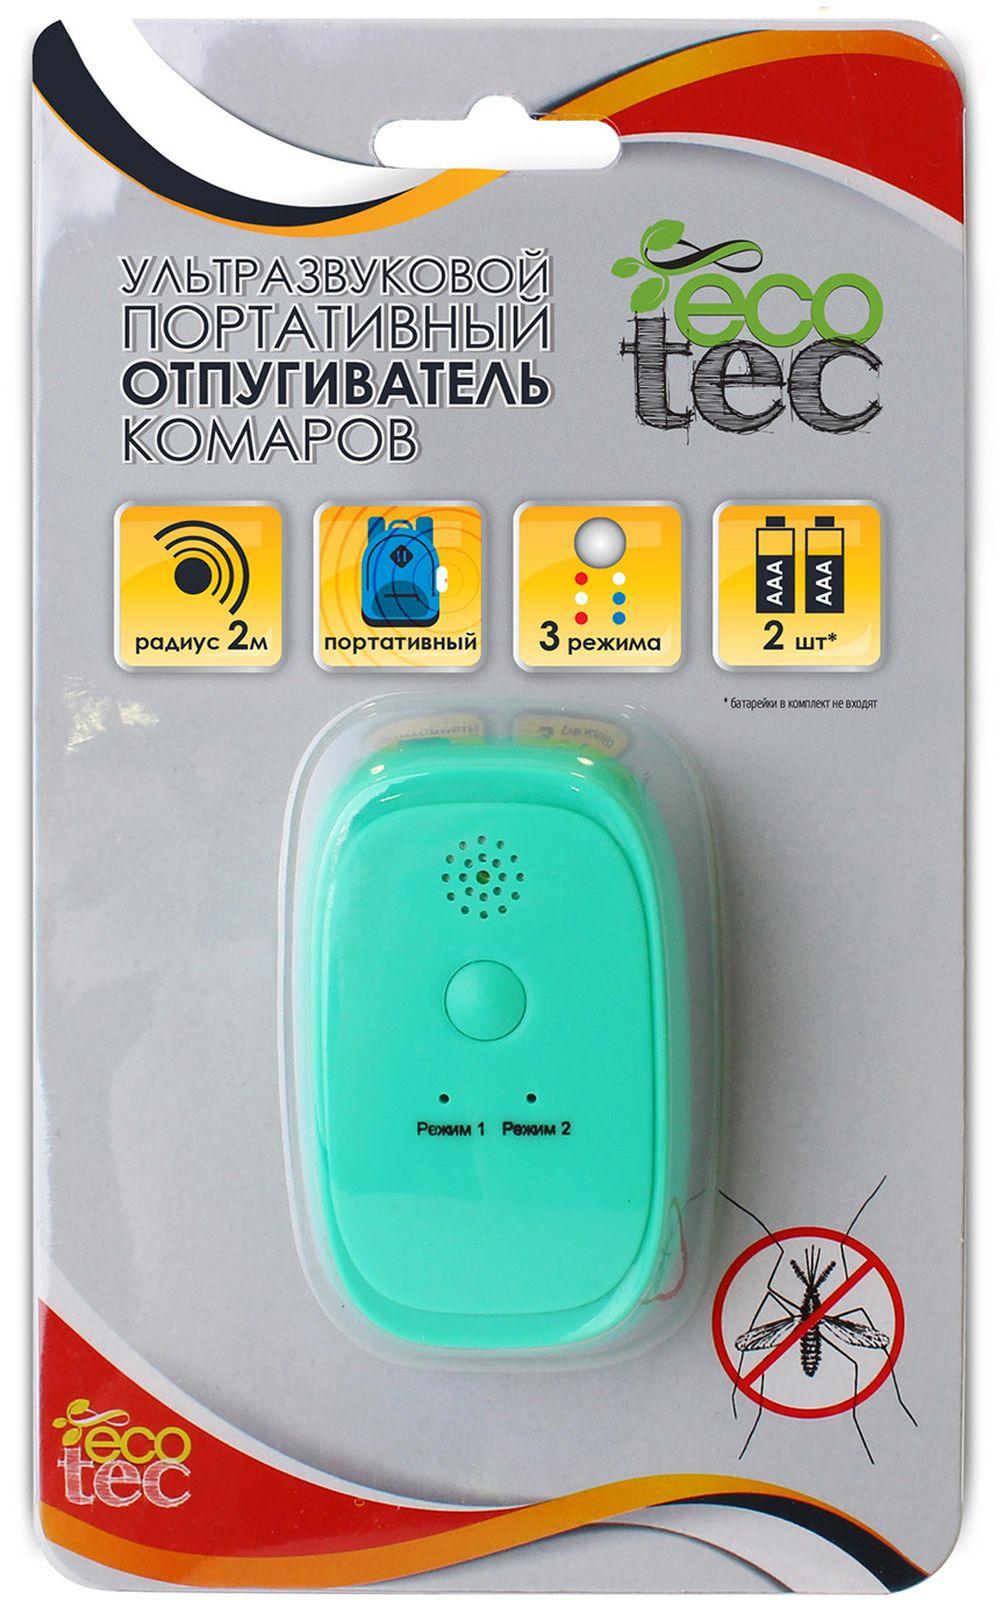 Ультразвуковой портативный отпугиватель комаров Ecotec